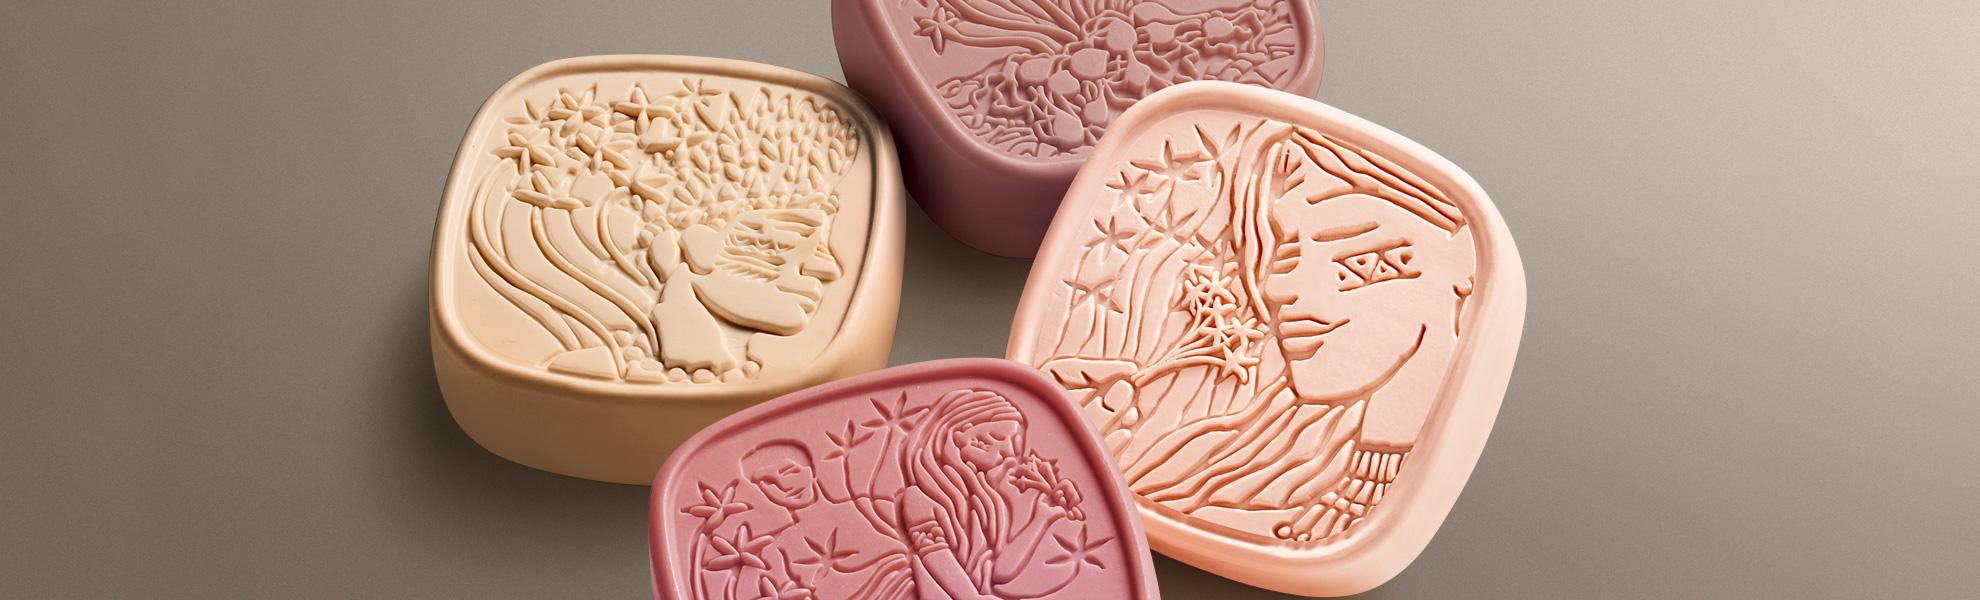 chelles-e-hayashi-design-portfolio-natura-ekos-sabonetes-produto-grafico-embalagem